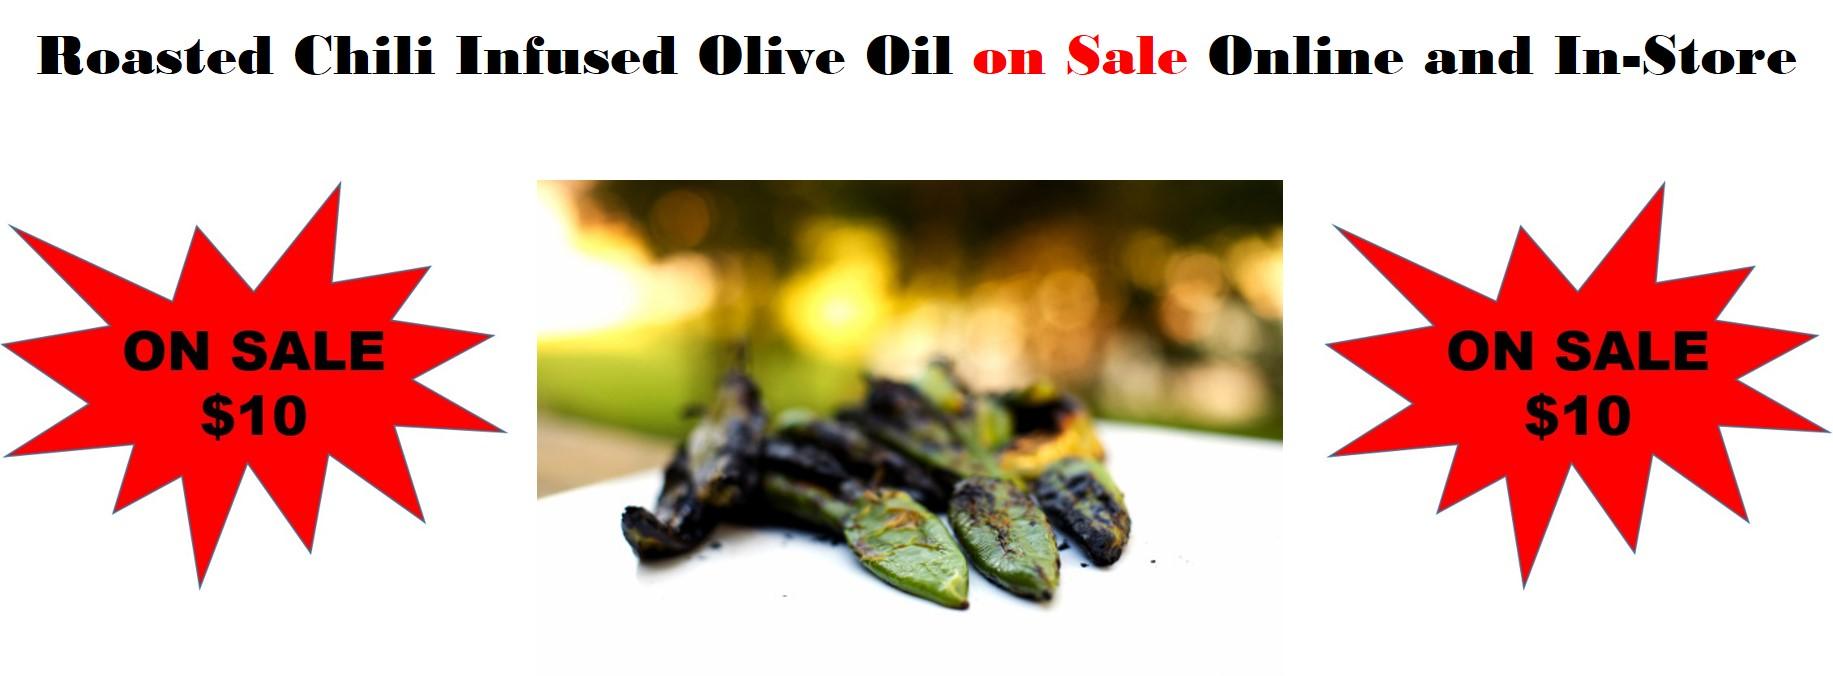 roasted-chili-oil-on-sale.jpg